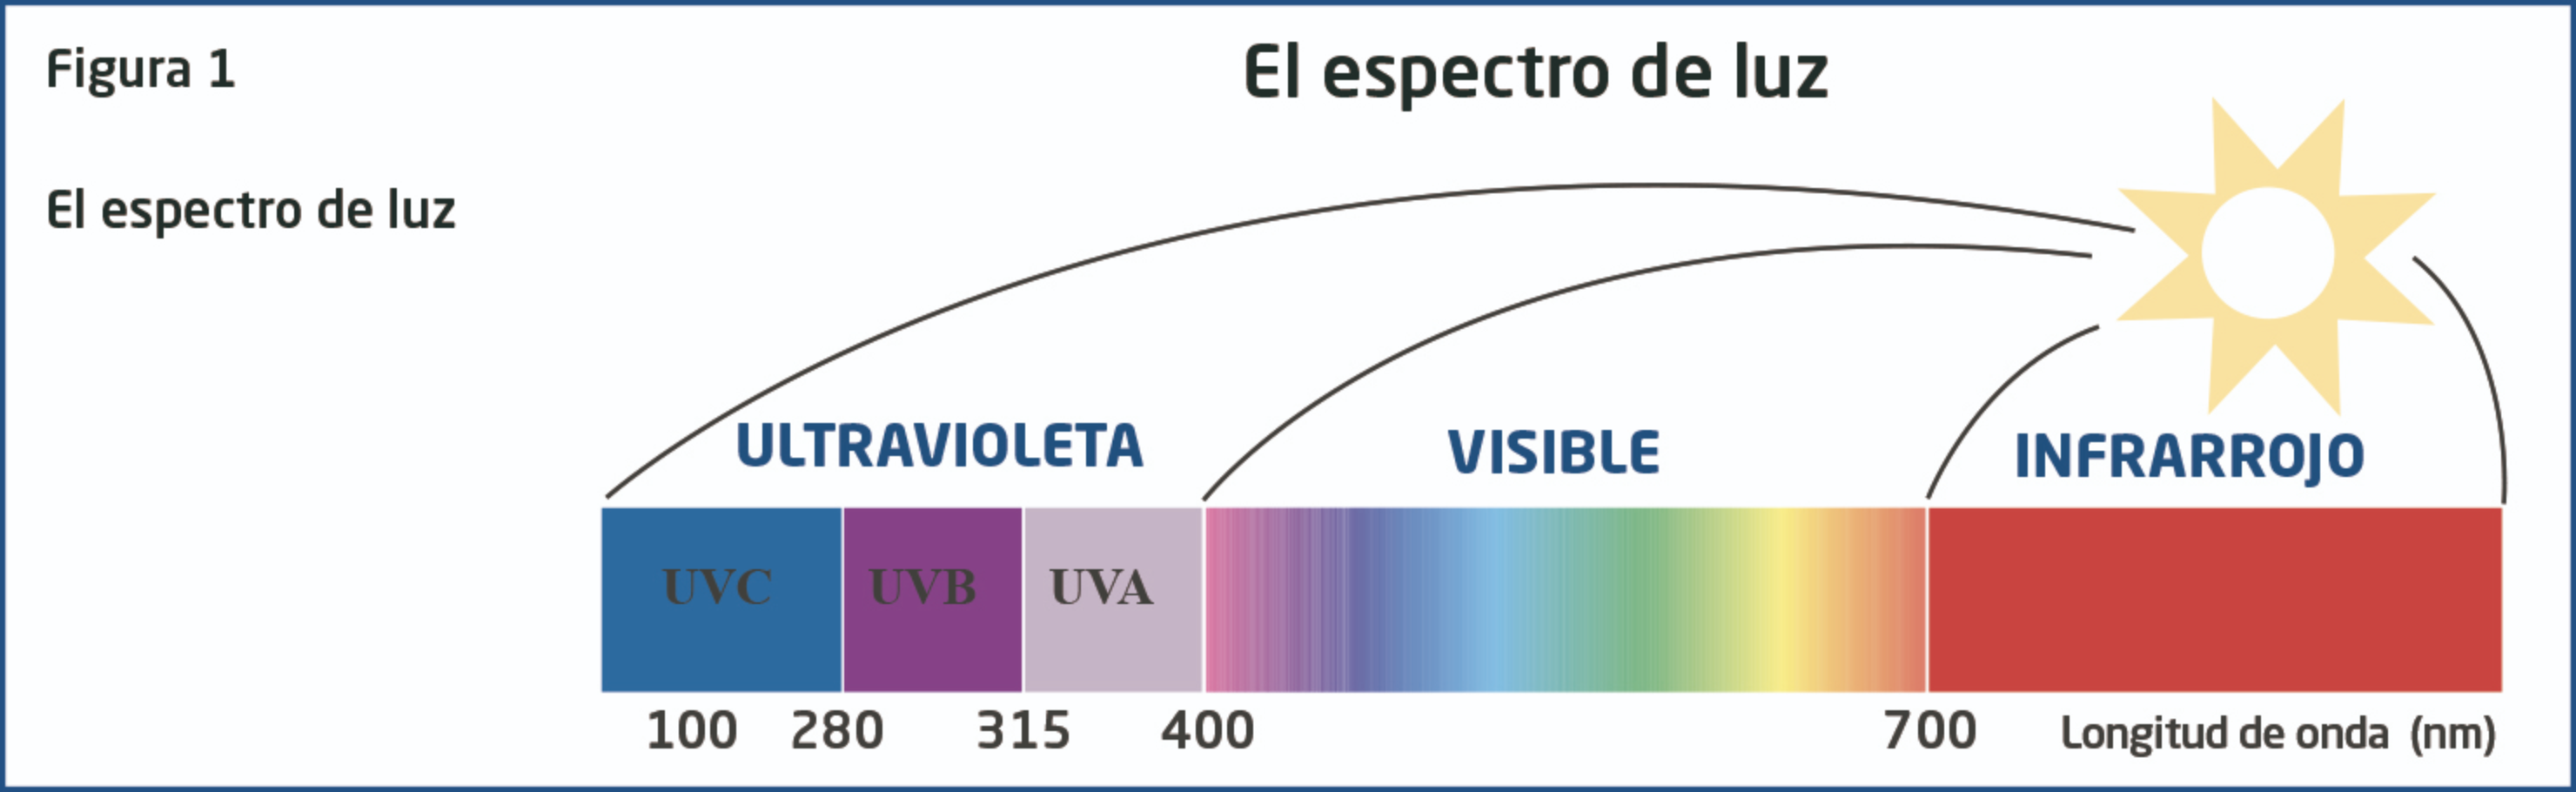 Gráfico sobre el espectro de luz solar